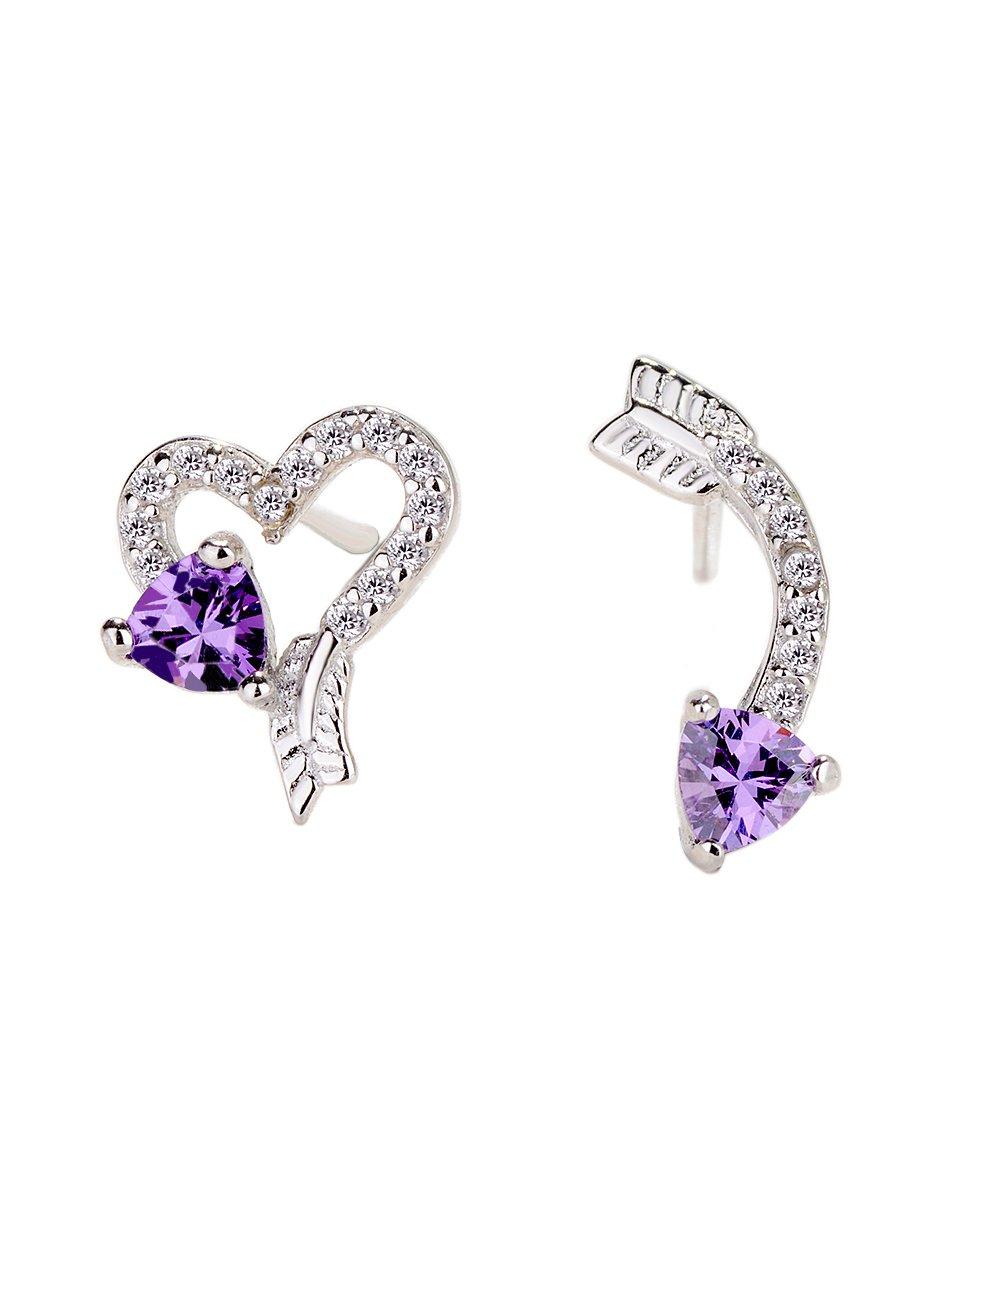 Love Heart and Arrow 925 Sterling Silver Stud Earrings - Cubic Zirconia Purple Rhinestone Ear Jewelry